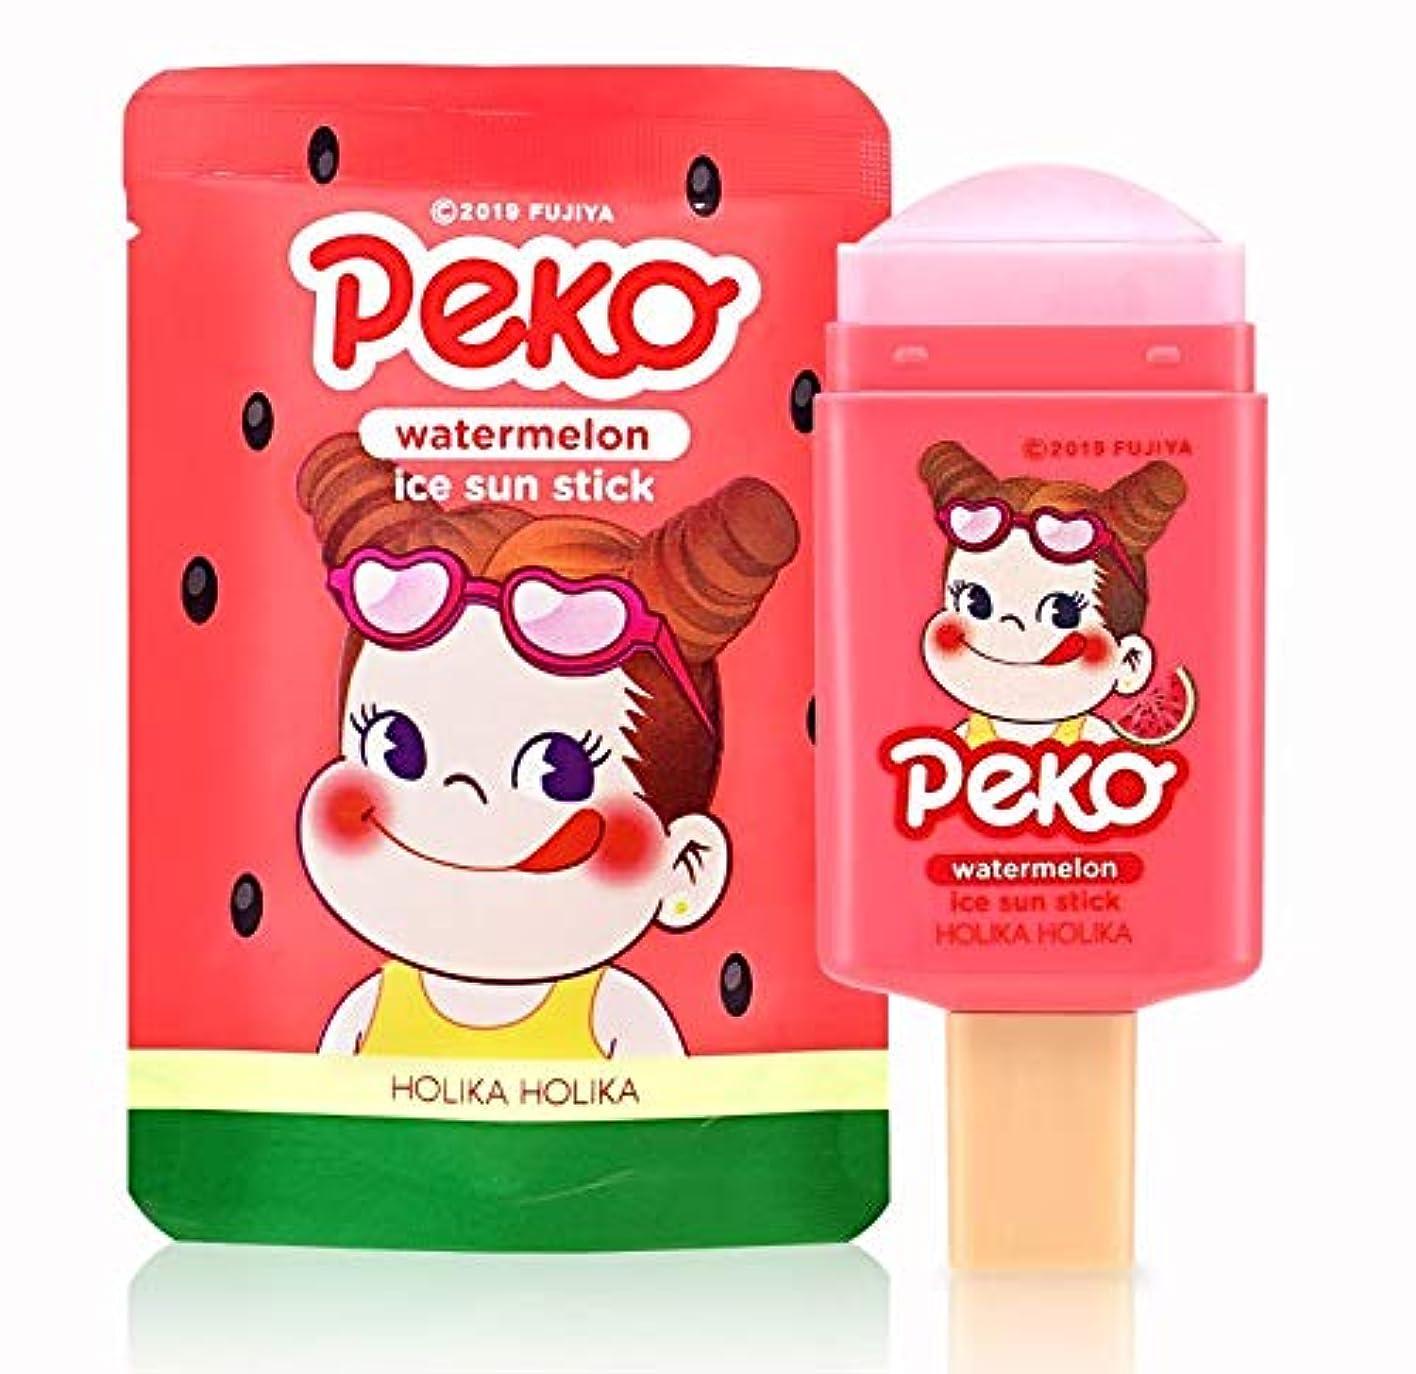 ステップナラーバーフリルホリカホリカ [スイートペコエディション] スイカ アイス サン スティック 14g / Holika Holika [Sweet Peko Edition] Watermellon Ice Sun Stick SPF50...